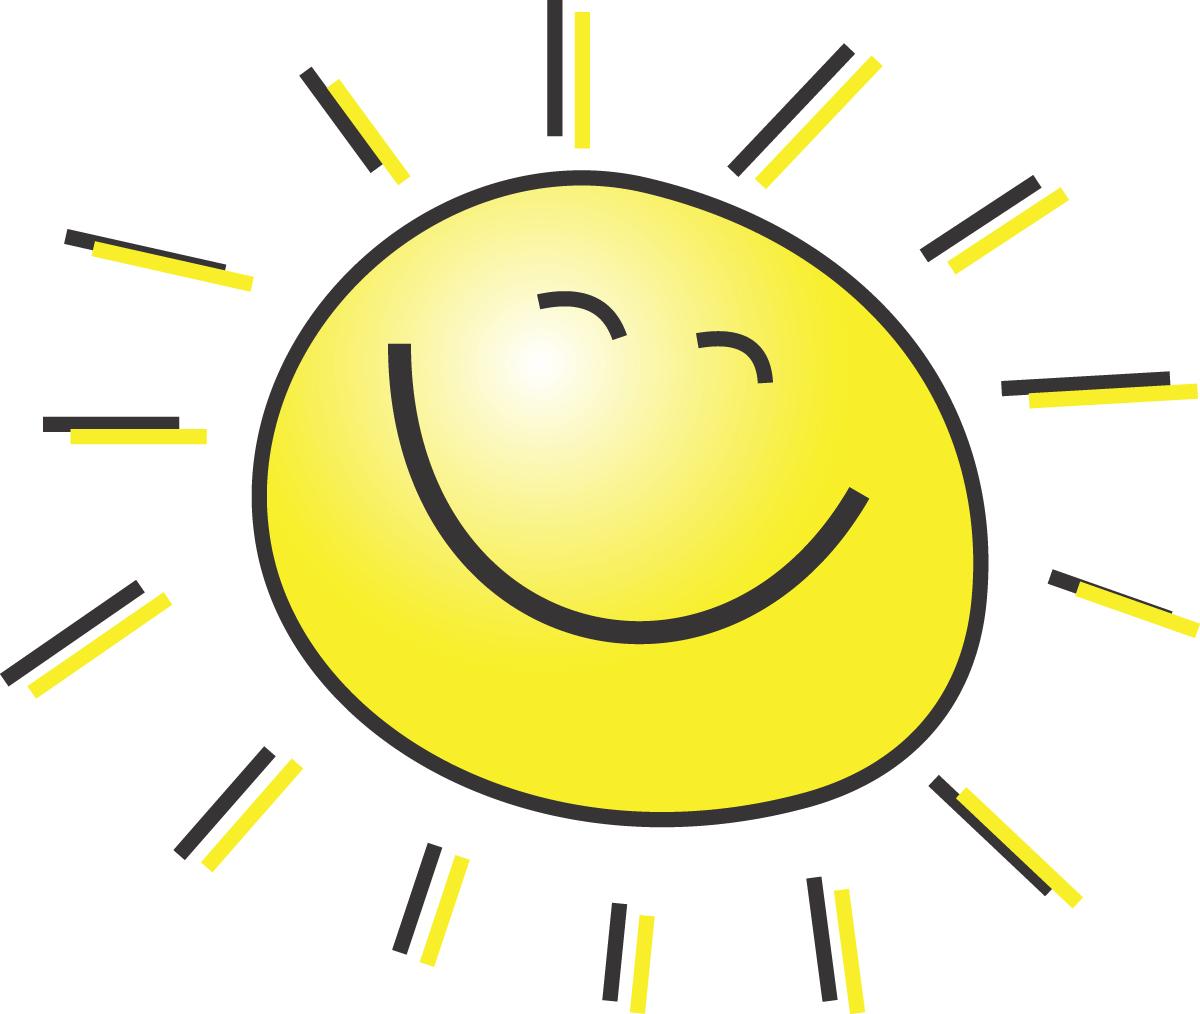 Sunshine Cute Sun With Sunglasses Clipar-Sunshine cute sun with sunglasses clipart free clipart images-14